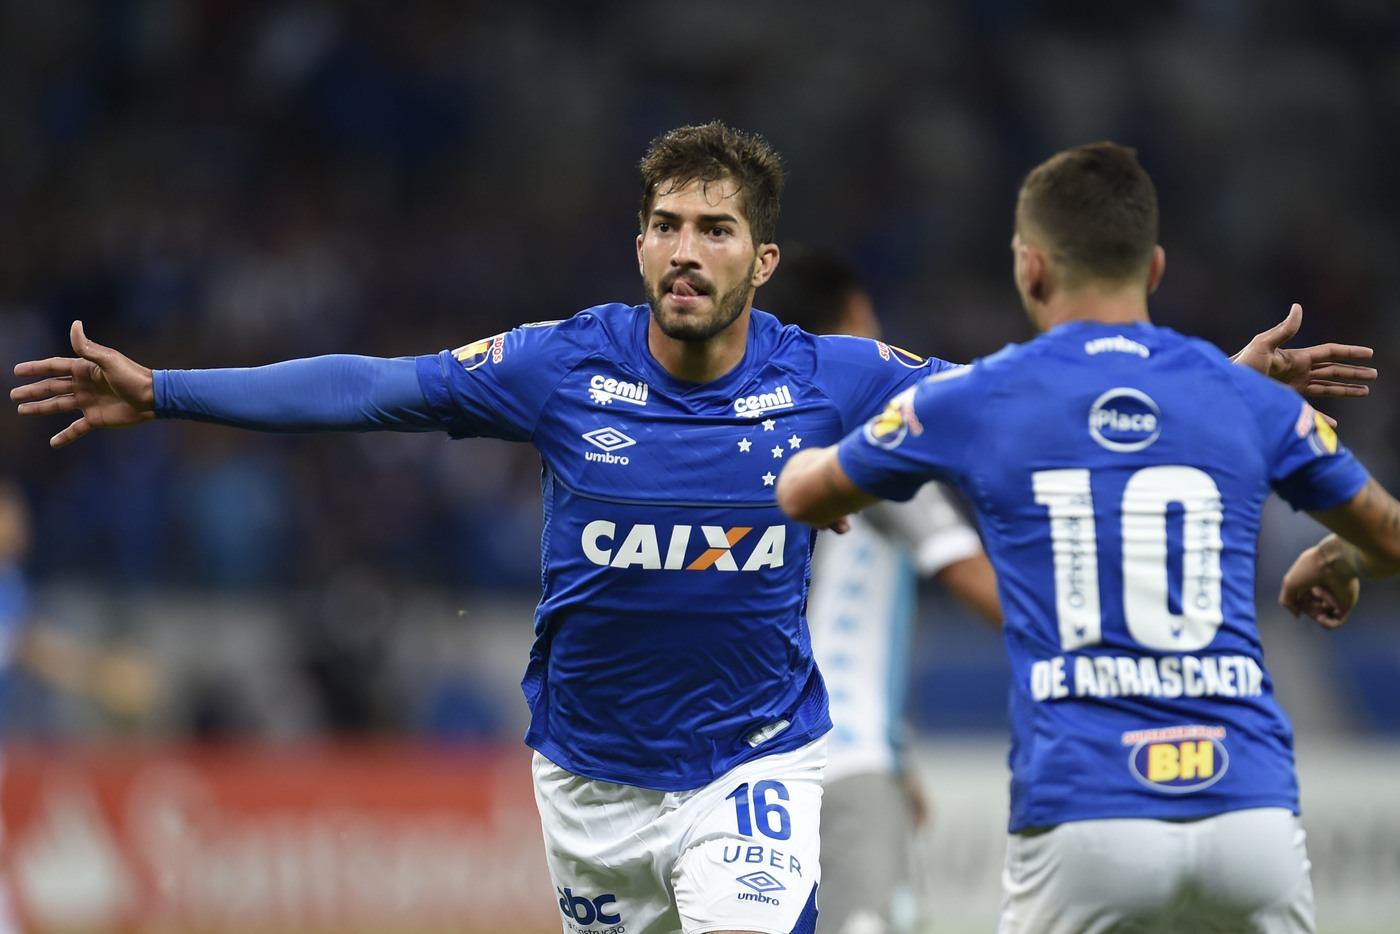 Copa Libertadores, Cruzeiro-River Plate mercoledì 31 luglio: analisi e pronostico del ritorno degli ottavi del torneo sudamericano